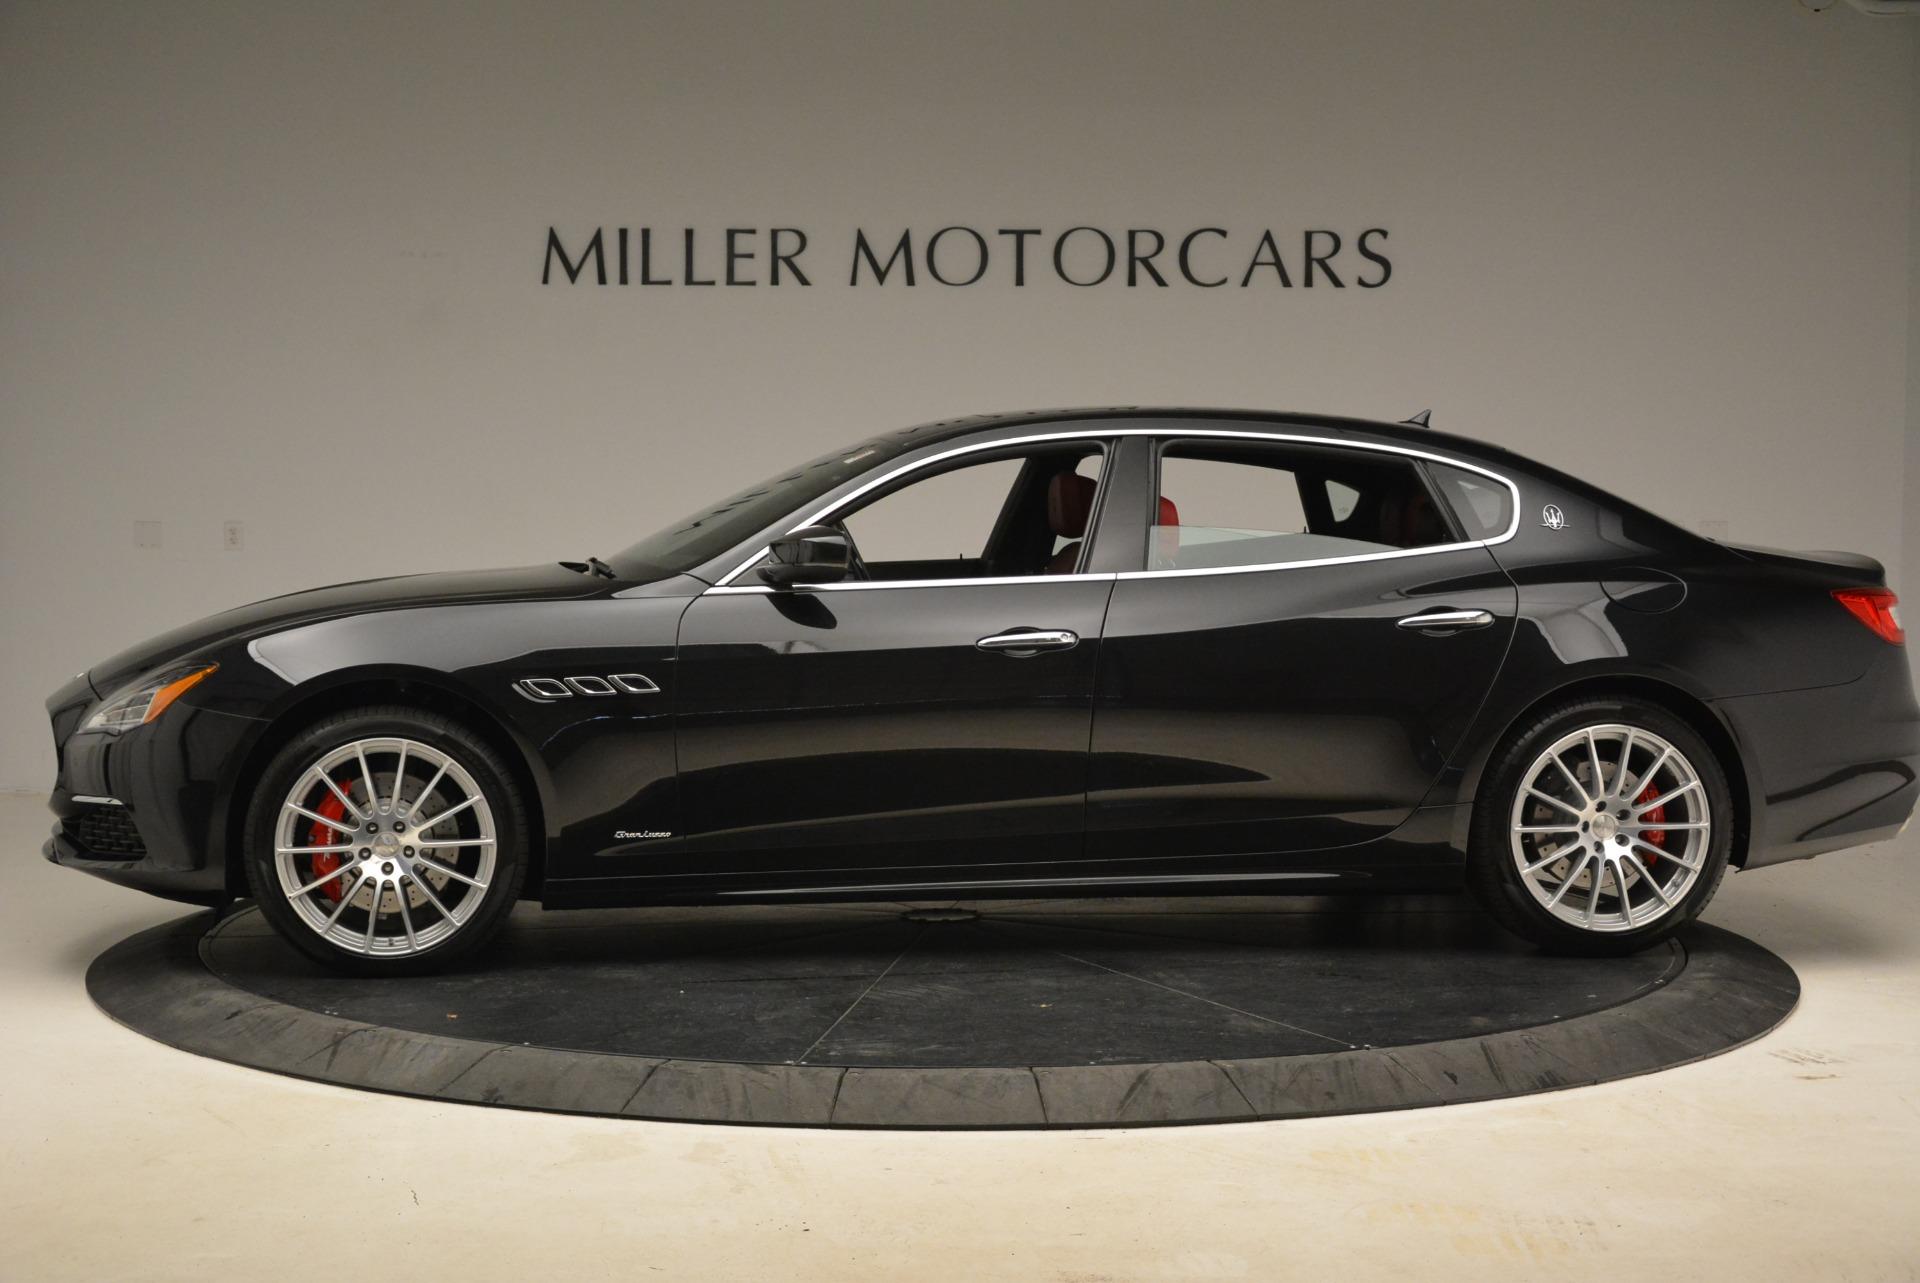 New 2018 Maserati Quattroporte S Q4 GranLusso For Sale In Westport, CT 2088_p4